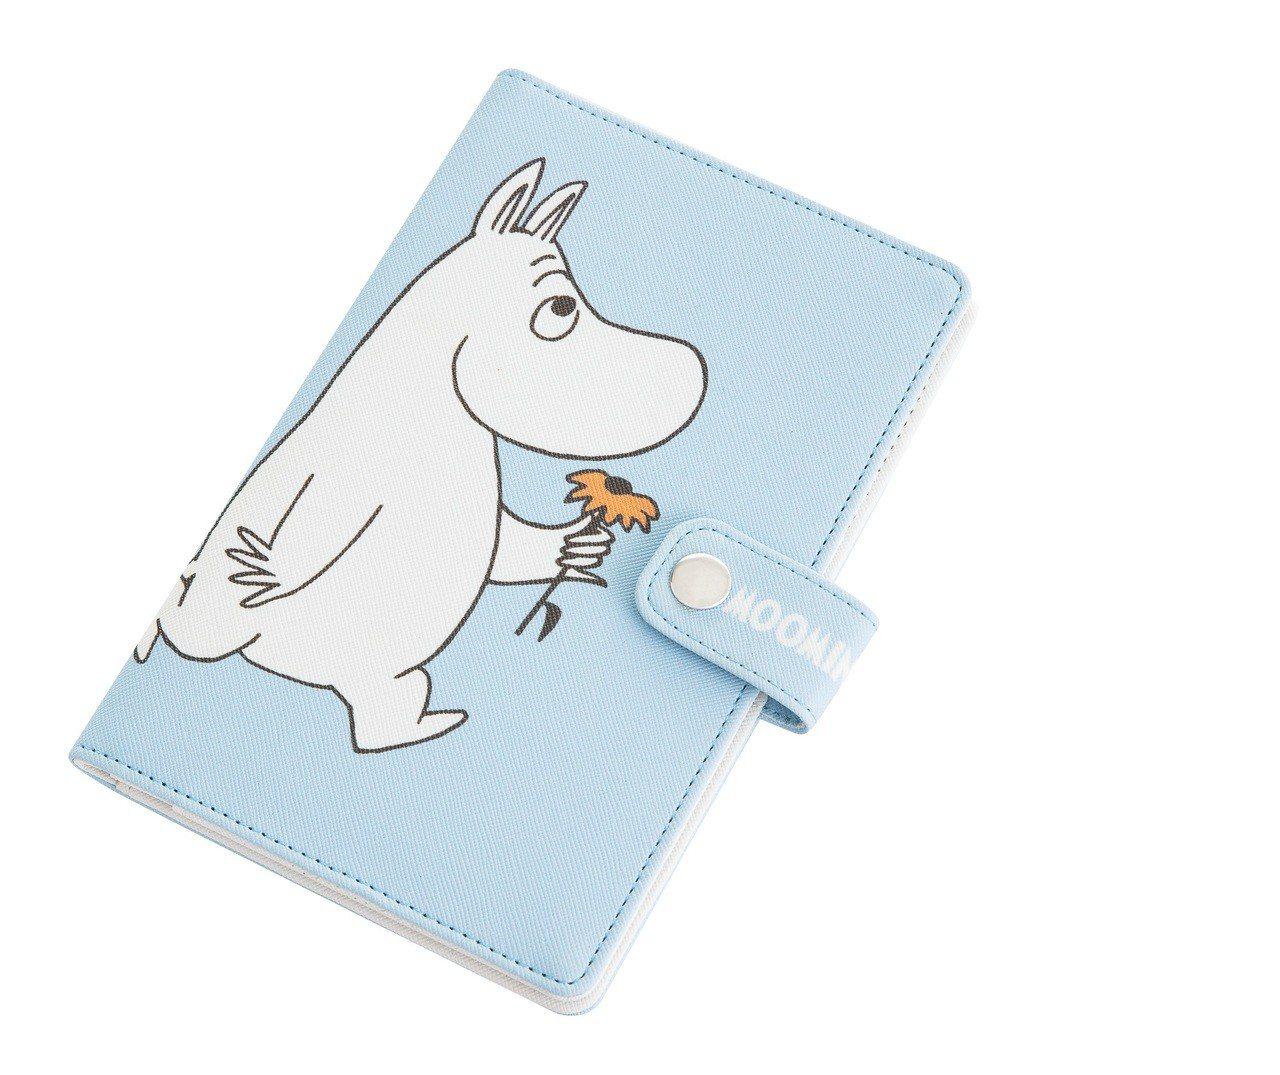 康是美MOOMIN保護你的護照夾,8月15日至8月28日加購價199元。圖/康是...